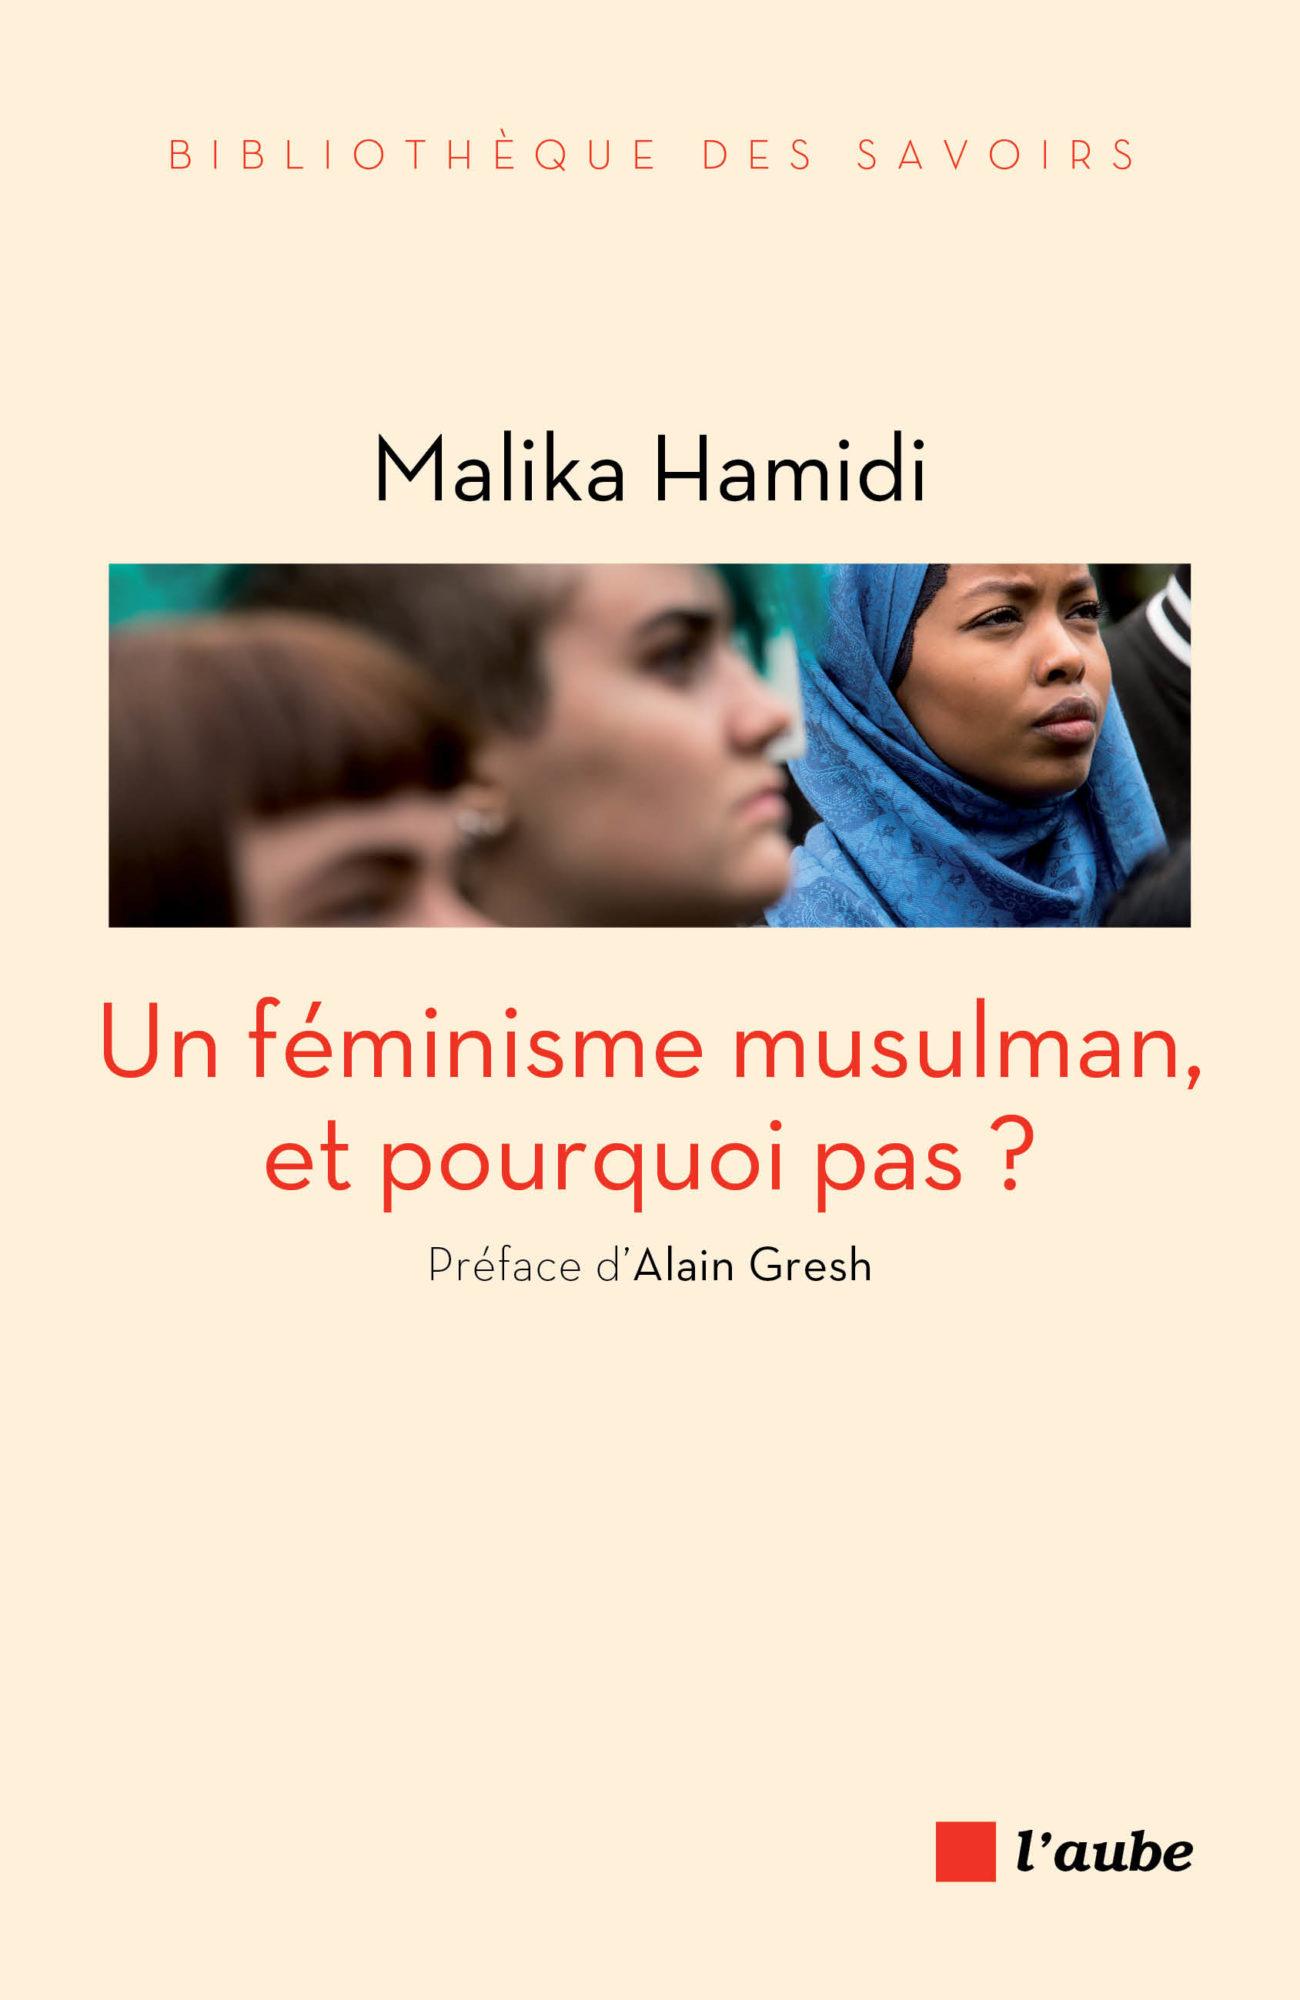 Un féminisme musulman